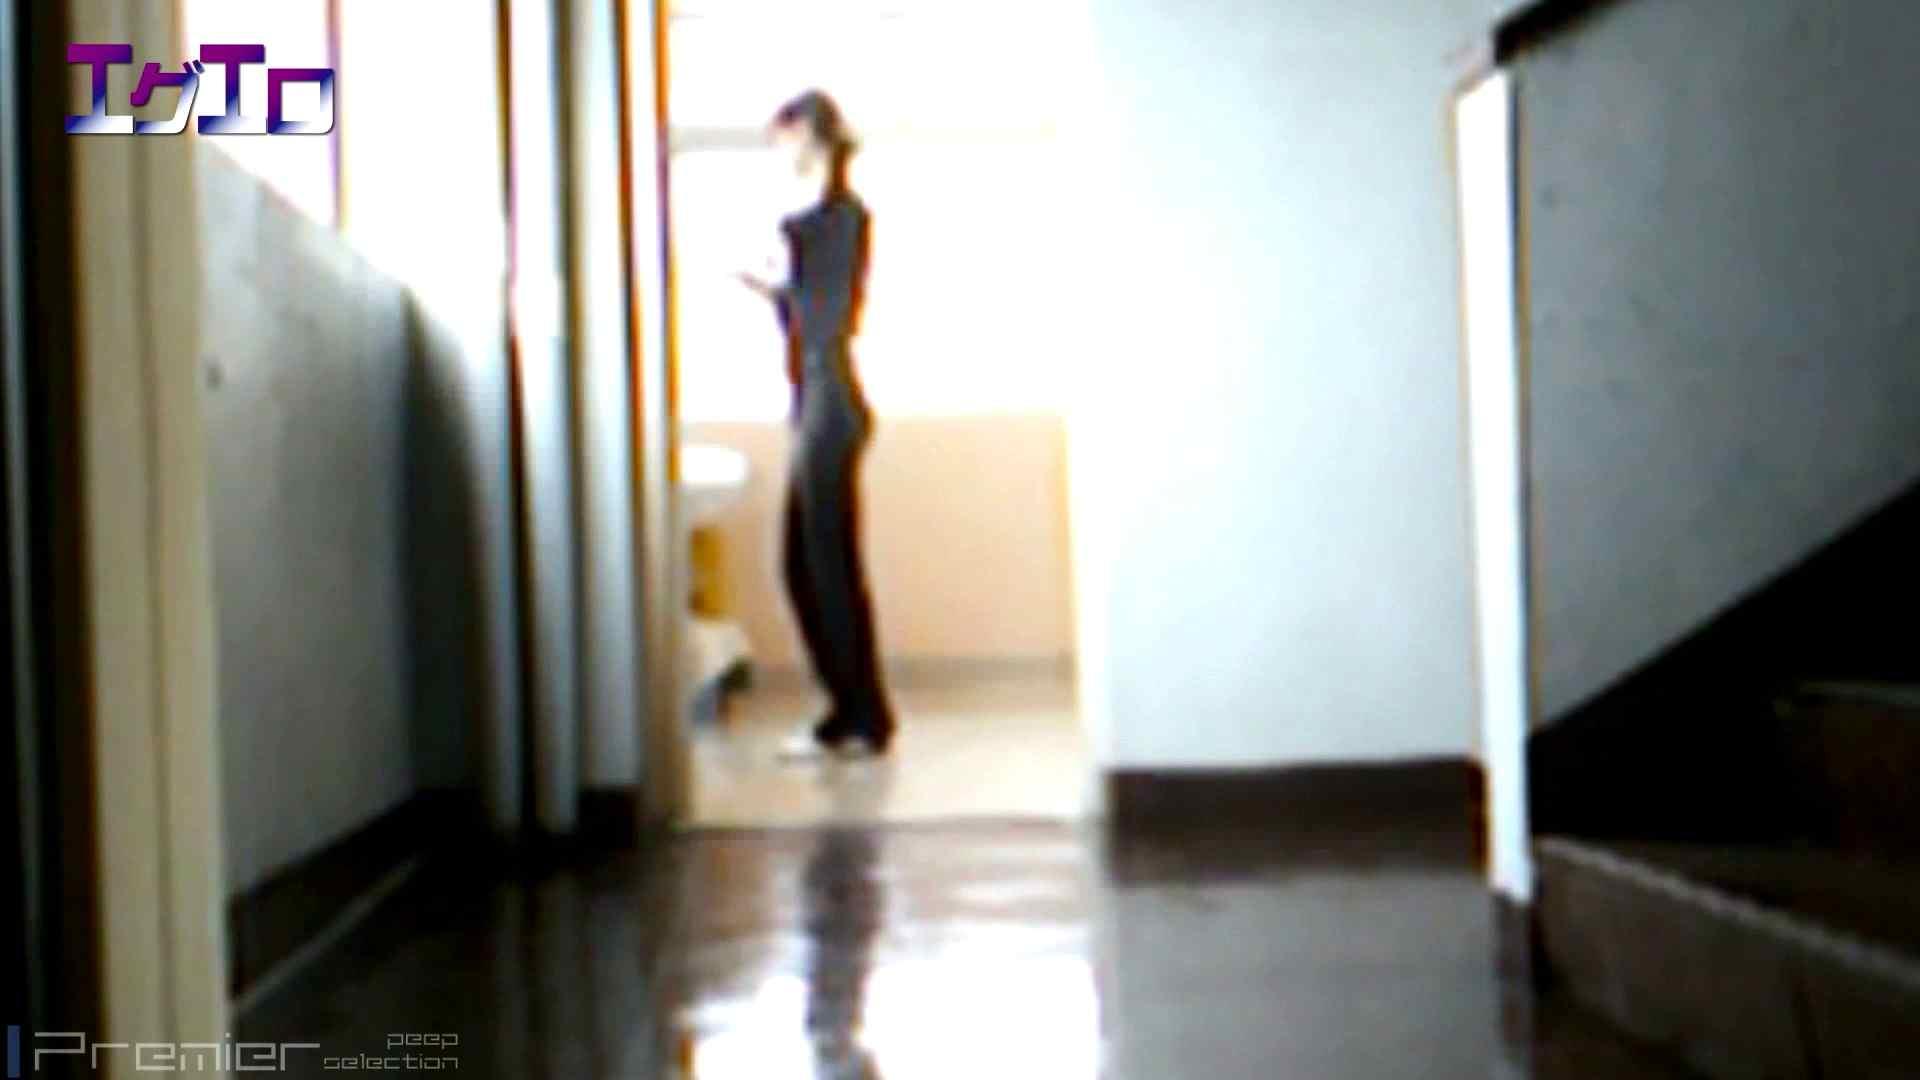 至近距離洗面所 Vol.10ブルージーンズギャルの大放nyo 萌えギャル オマンコ無修正動画無料 96連発 17